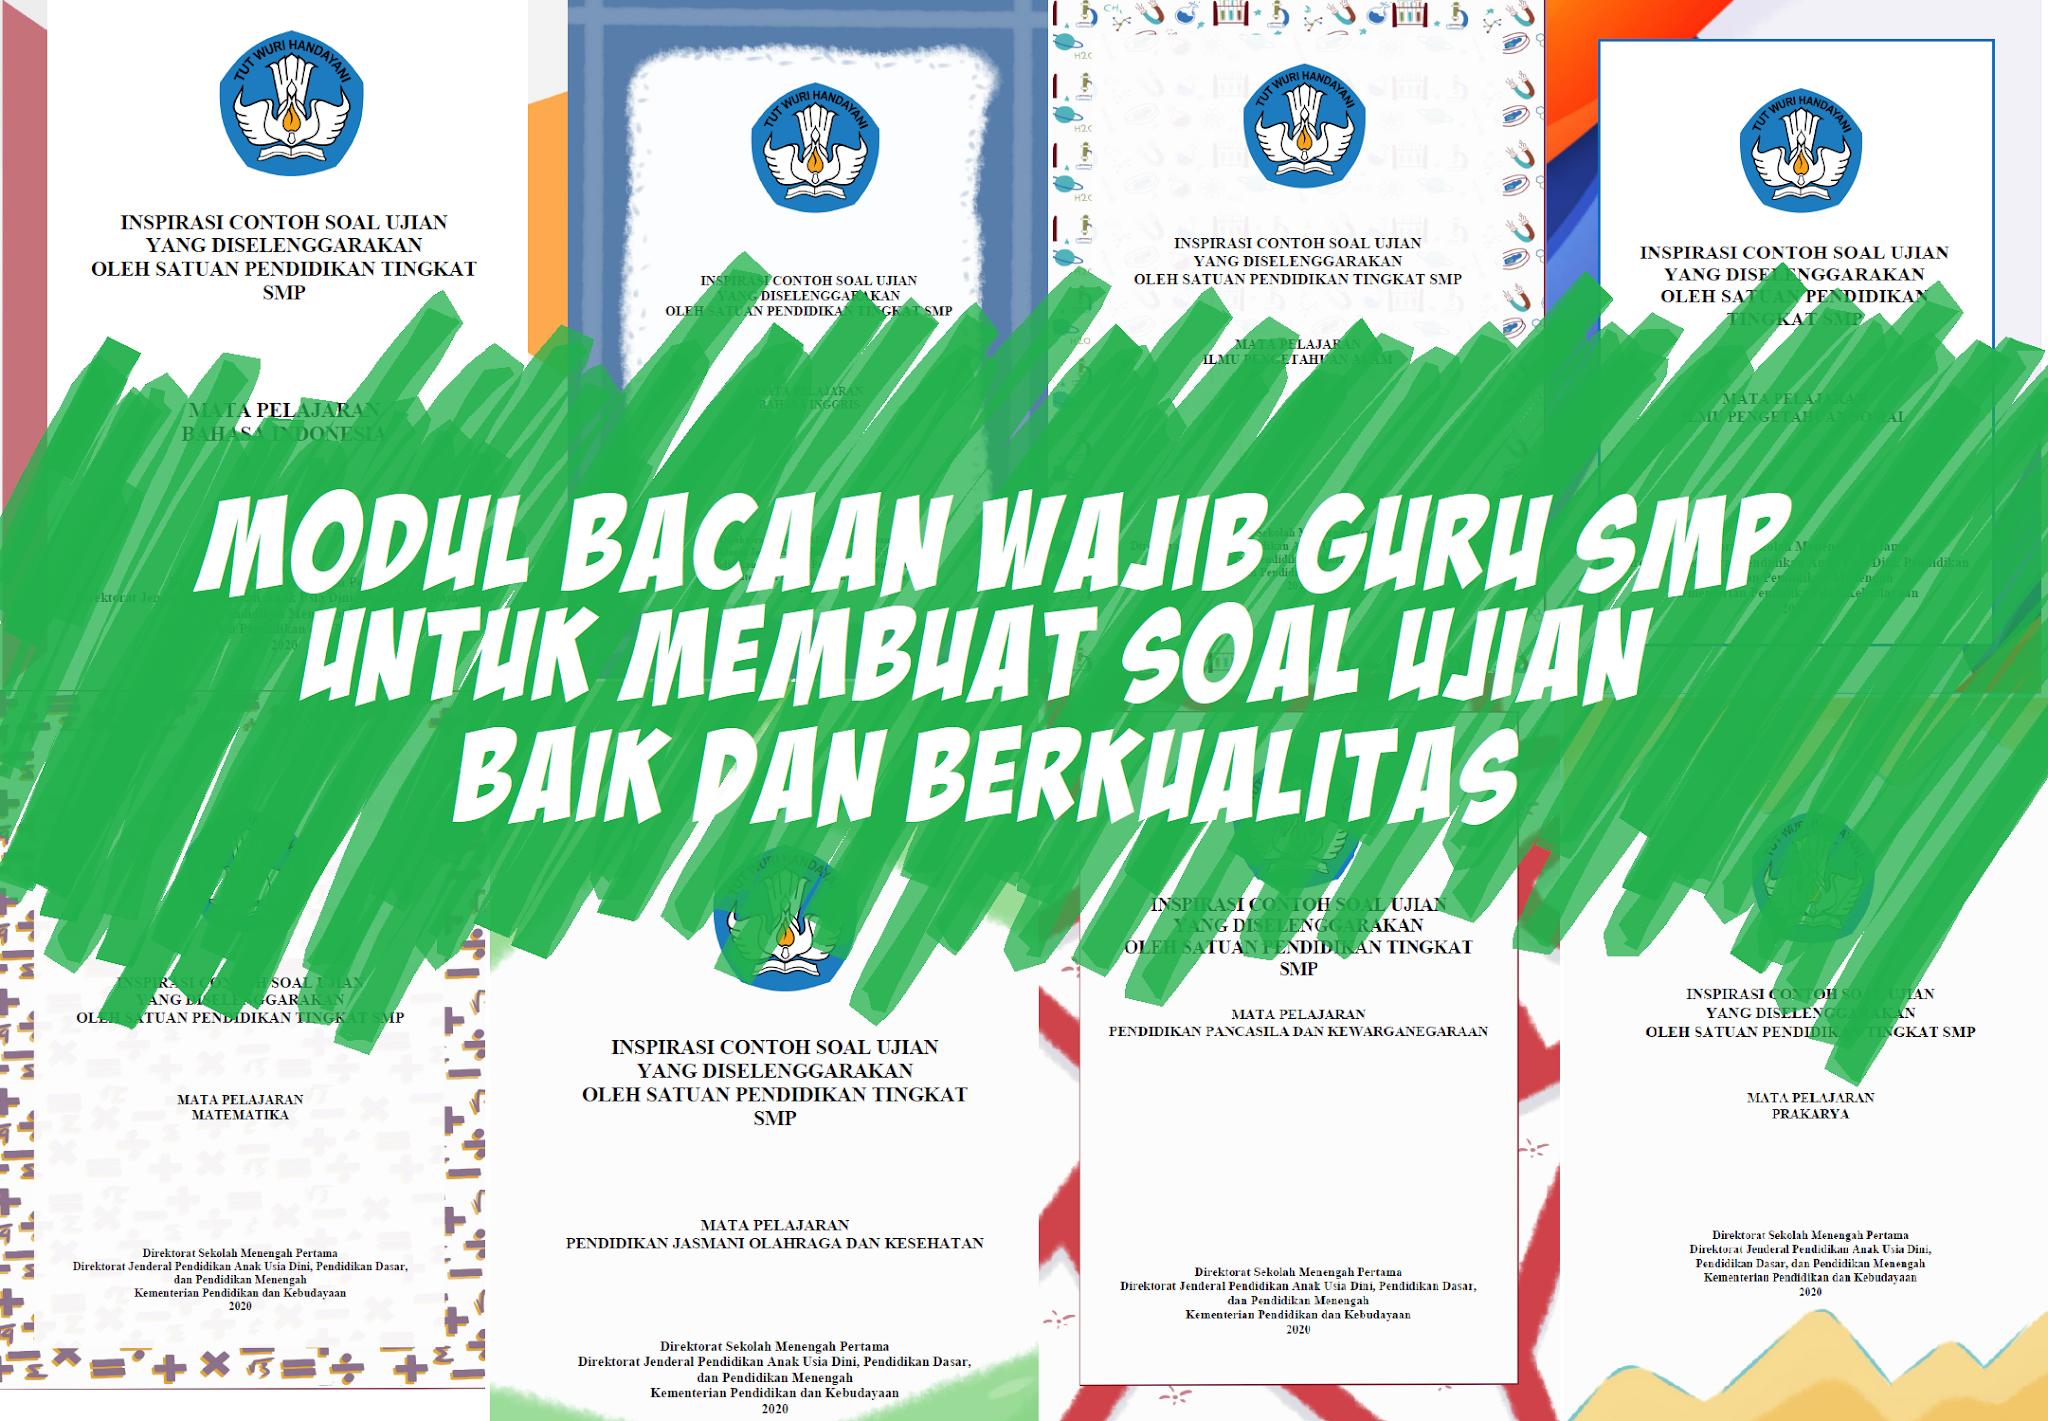 Download lengkap Dokumen Inspirasi Bacaan Wajib Guru SMP Untuk Membuat Soal Ujian Yang Baik dan Berkualitas pada Penilain Harian (PH), Penilaian Akhir Semester (PAS), atau Ujian Sekolah (US)